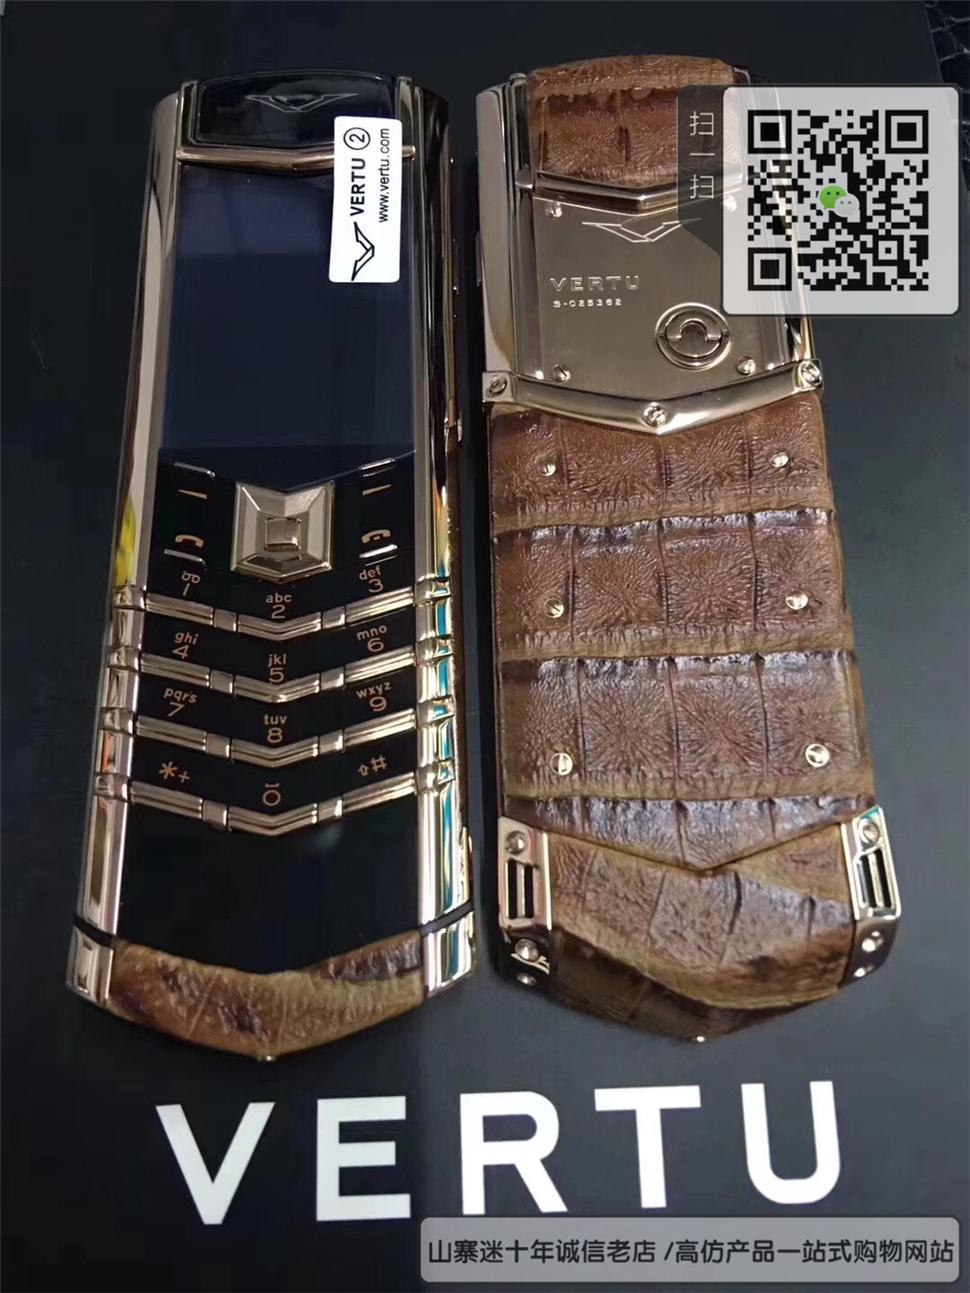 高仿纬图Signature手机-棕色+黑色+玫瑰金色-鳄鱼皮 ☼